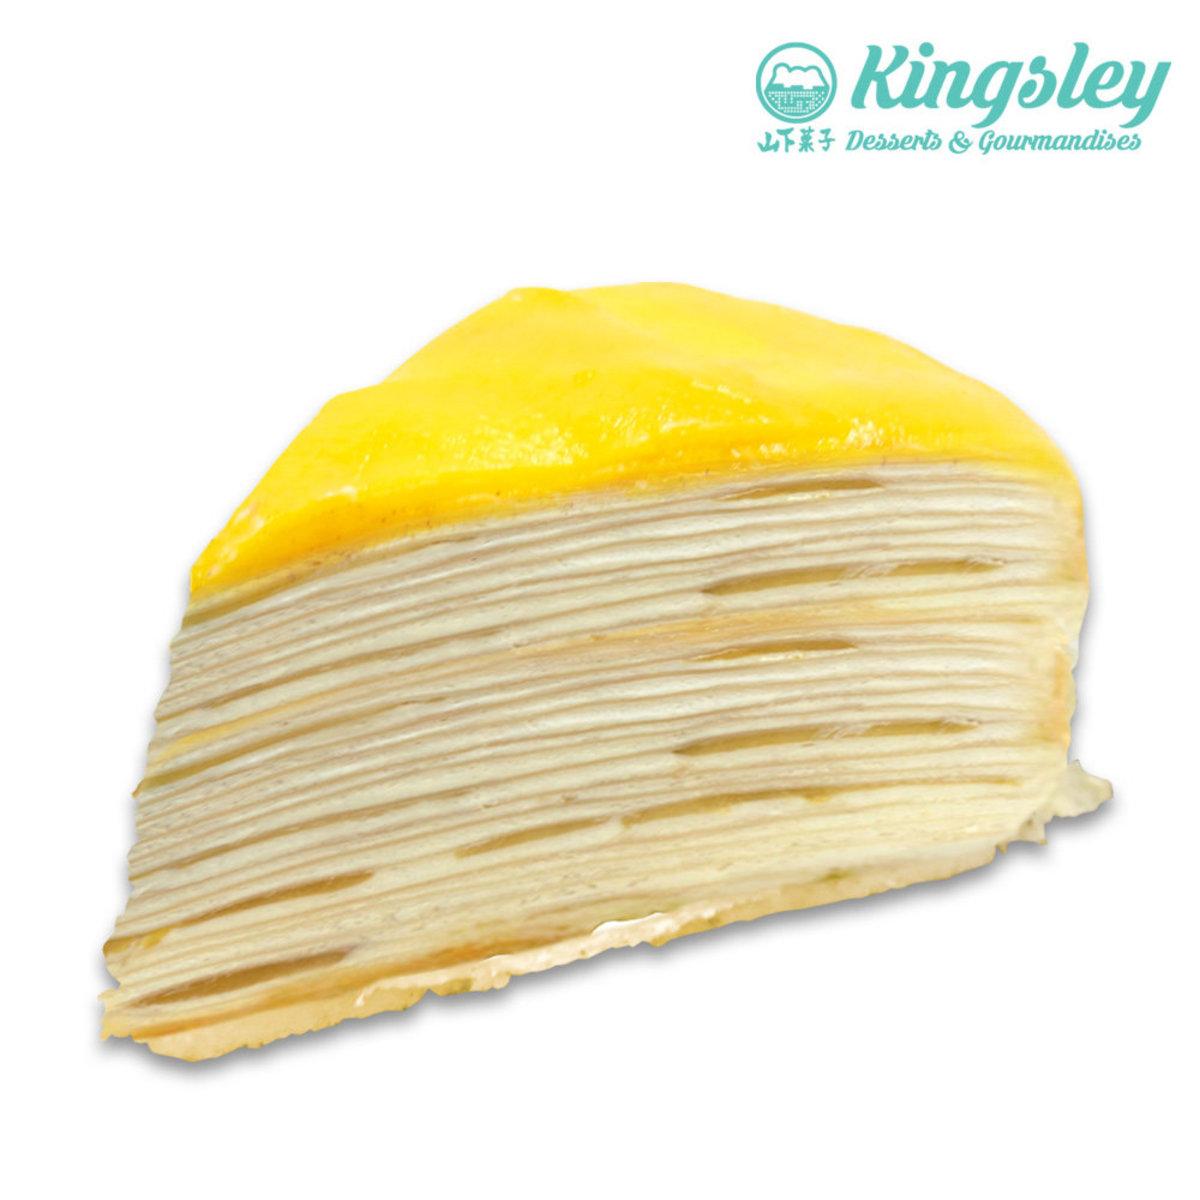 Mango Mille Crepe Cake  (3pcs)Coupon